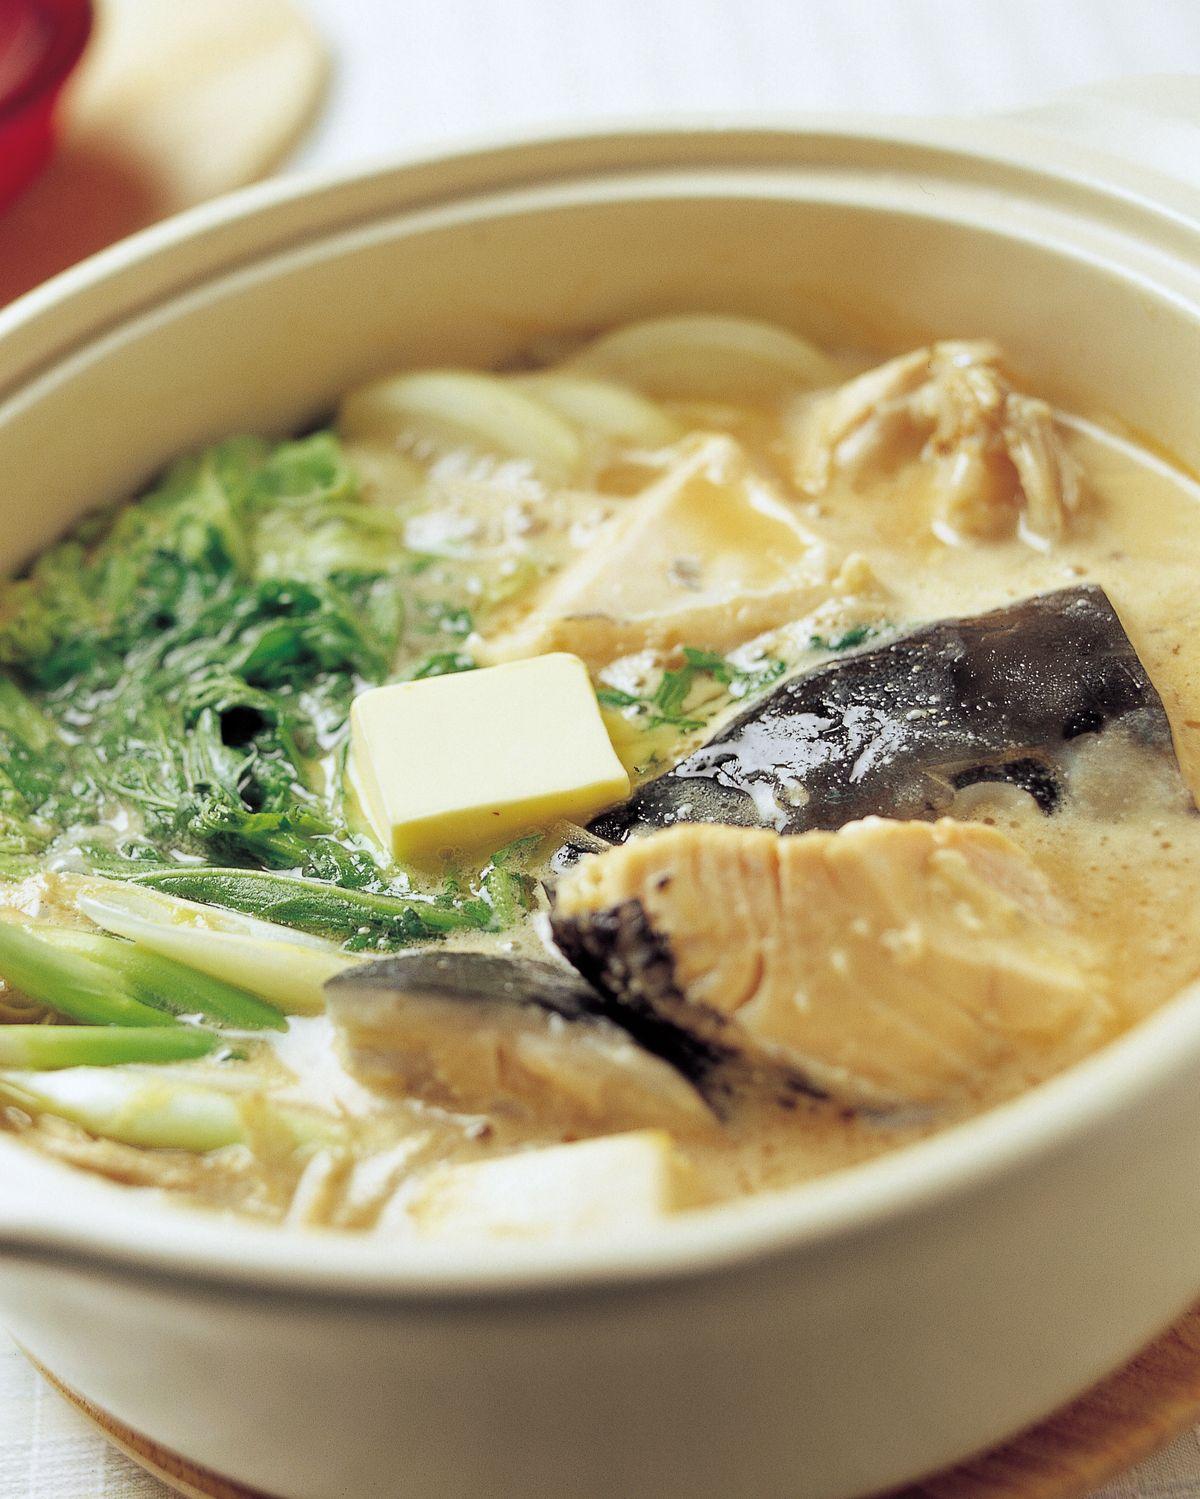 食譜:石狩鍋•雜炊